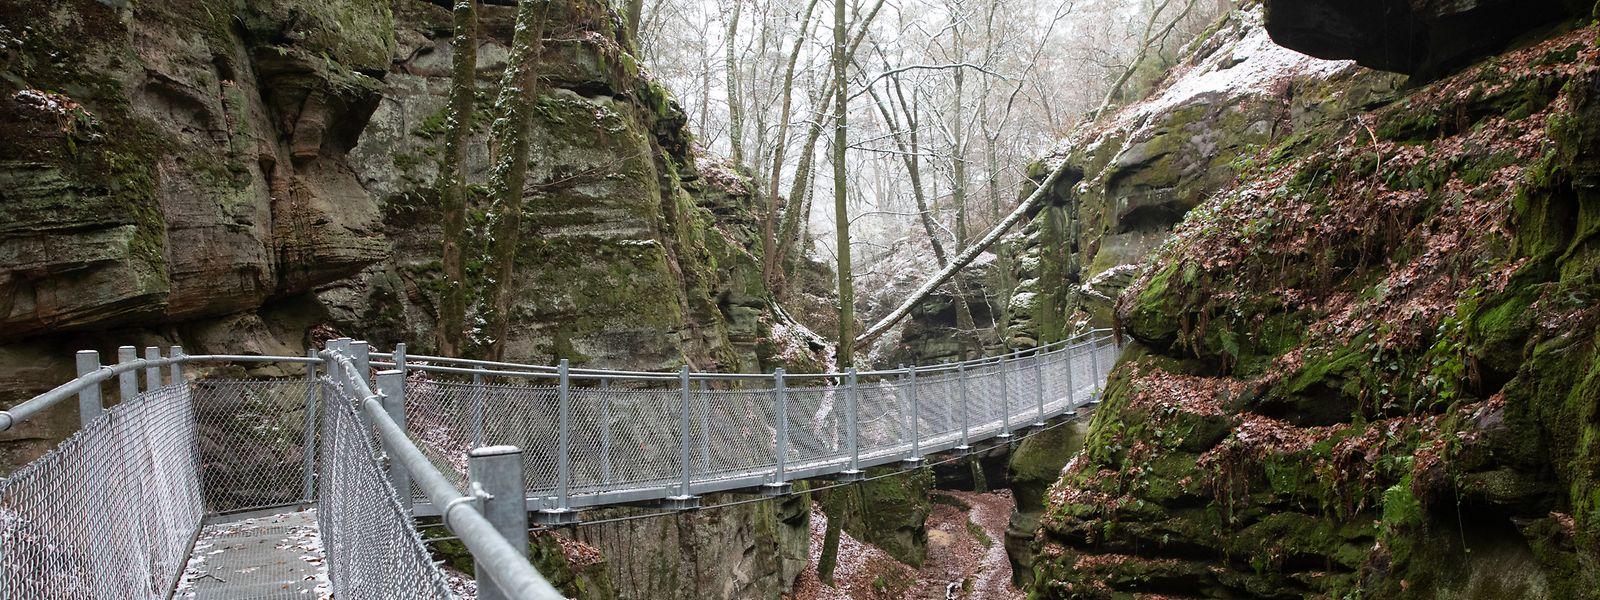 Auf dieser stählernen Hängebrücke können Wanderer den Roitsbach bei Berdorf bald in sicherer Höhe überqueren.